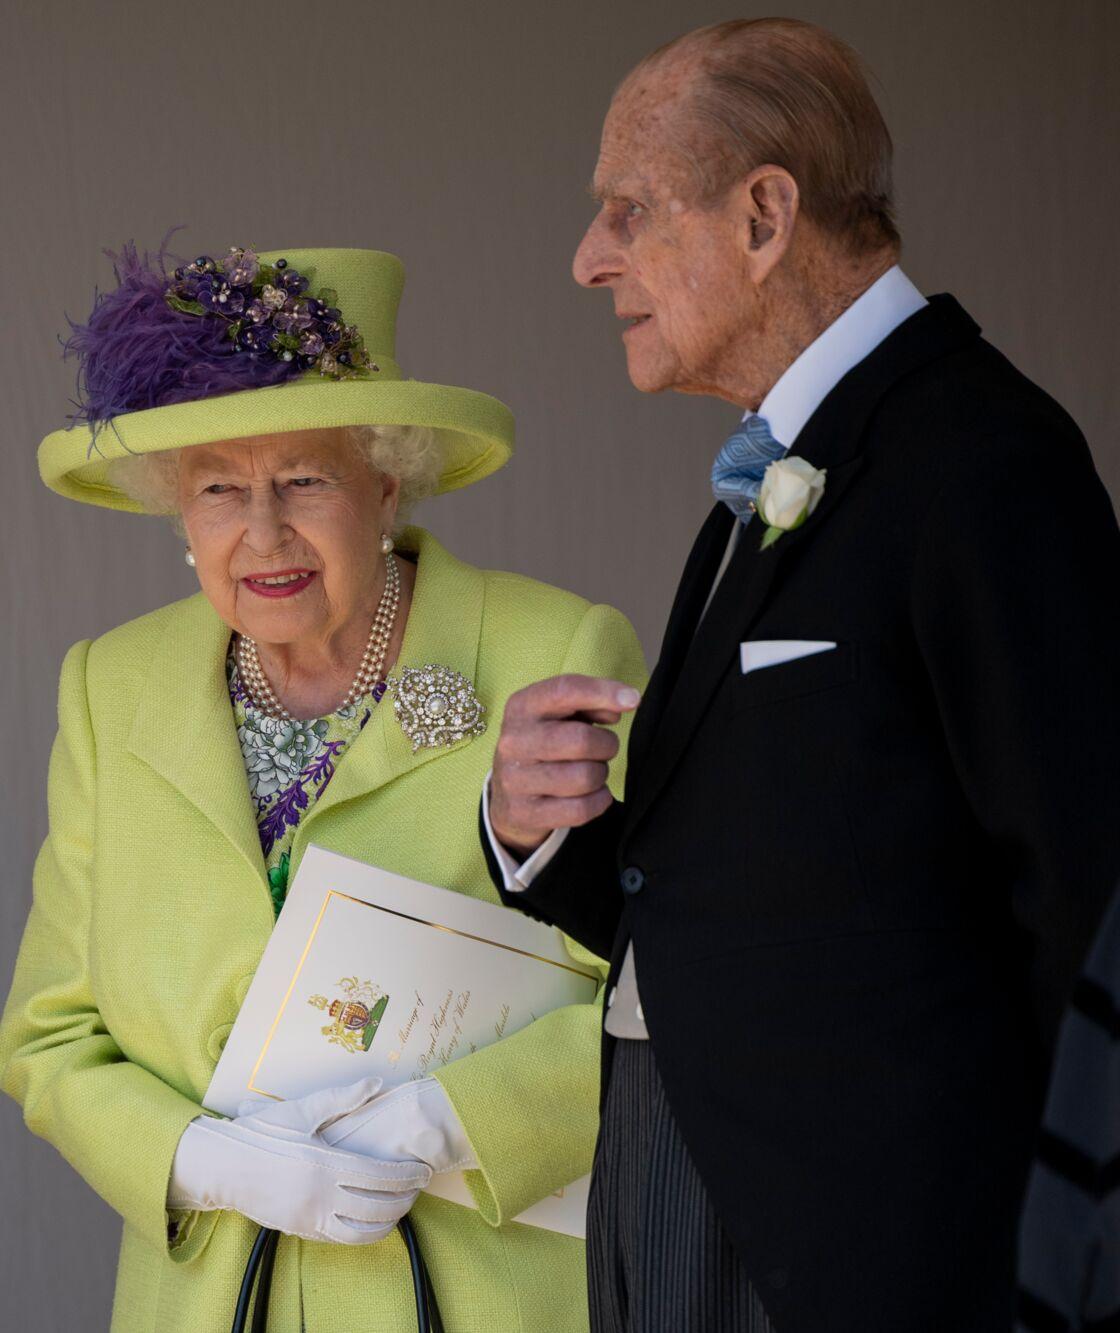 La reine Elizabeth II et le prince Philip à la chapelle St. George pour le mariage du prince Harry et de Meghan Markle au château de Windsor, en mai 2018.